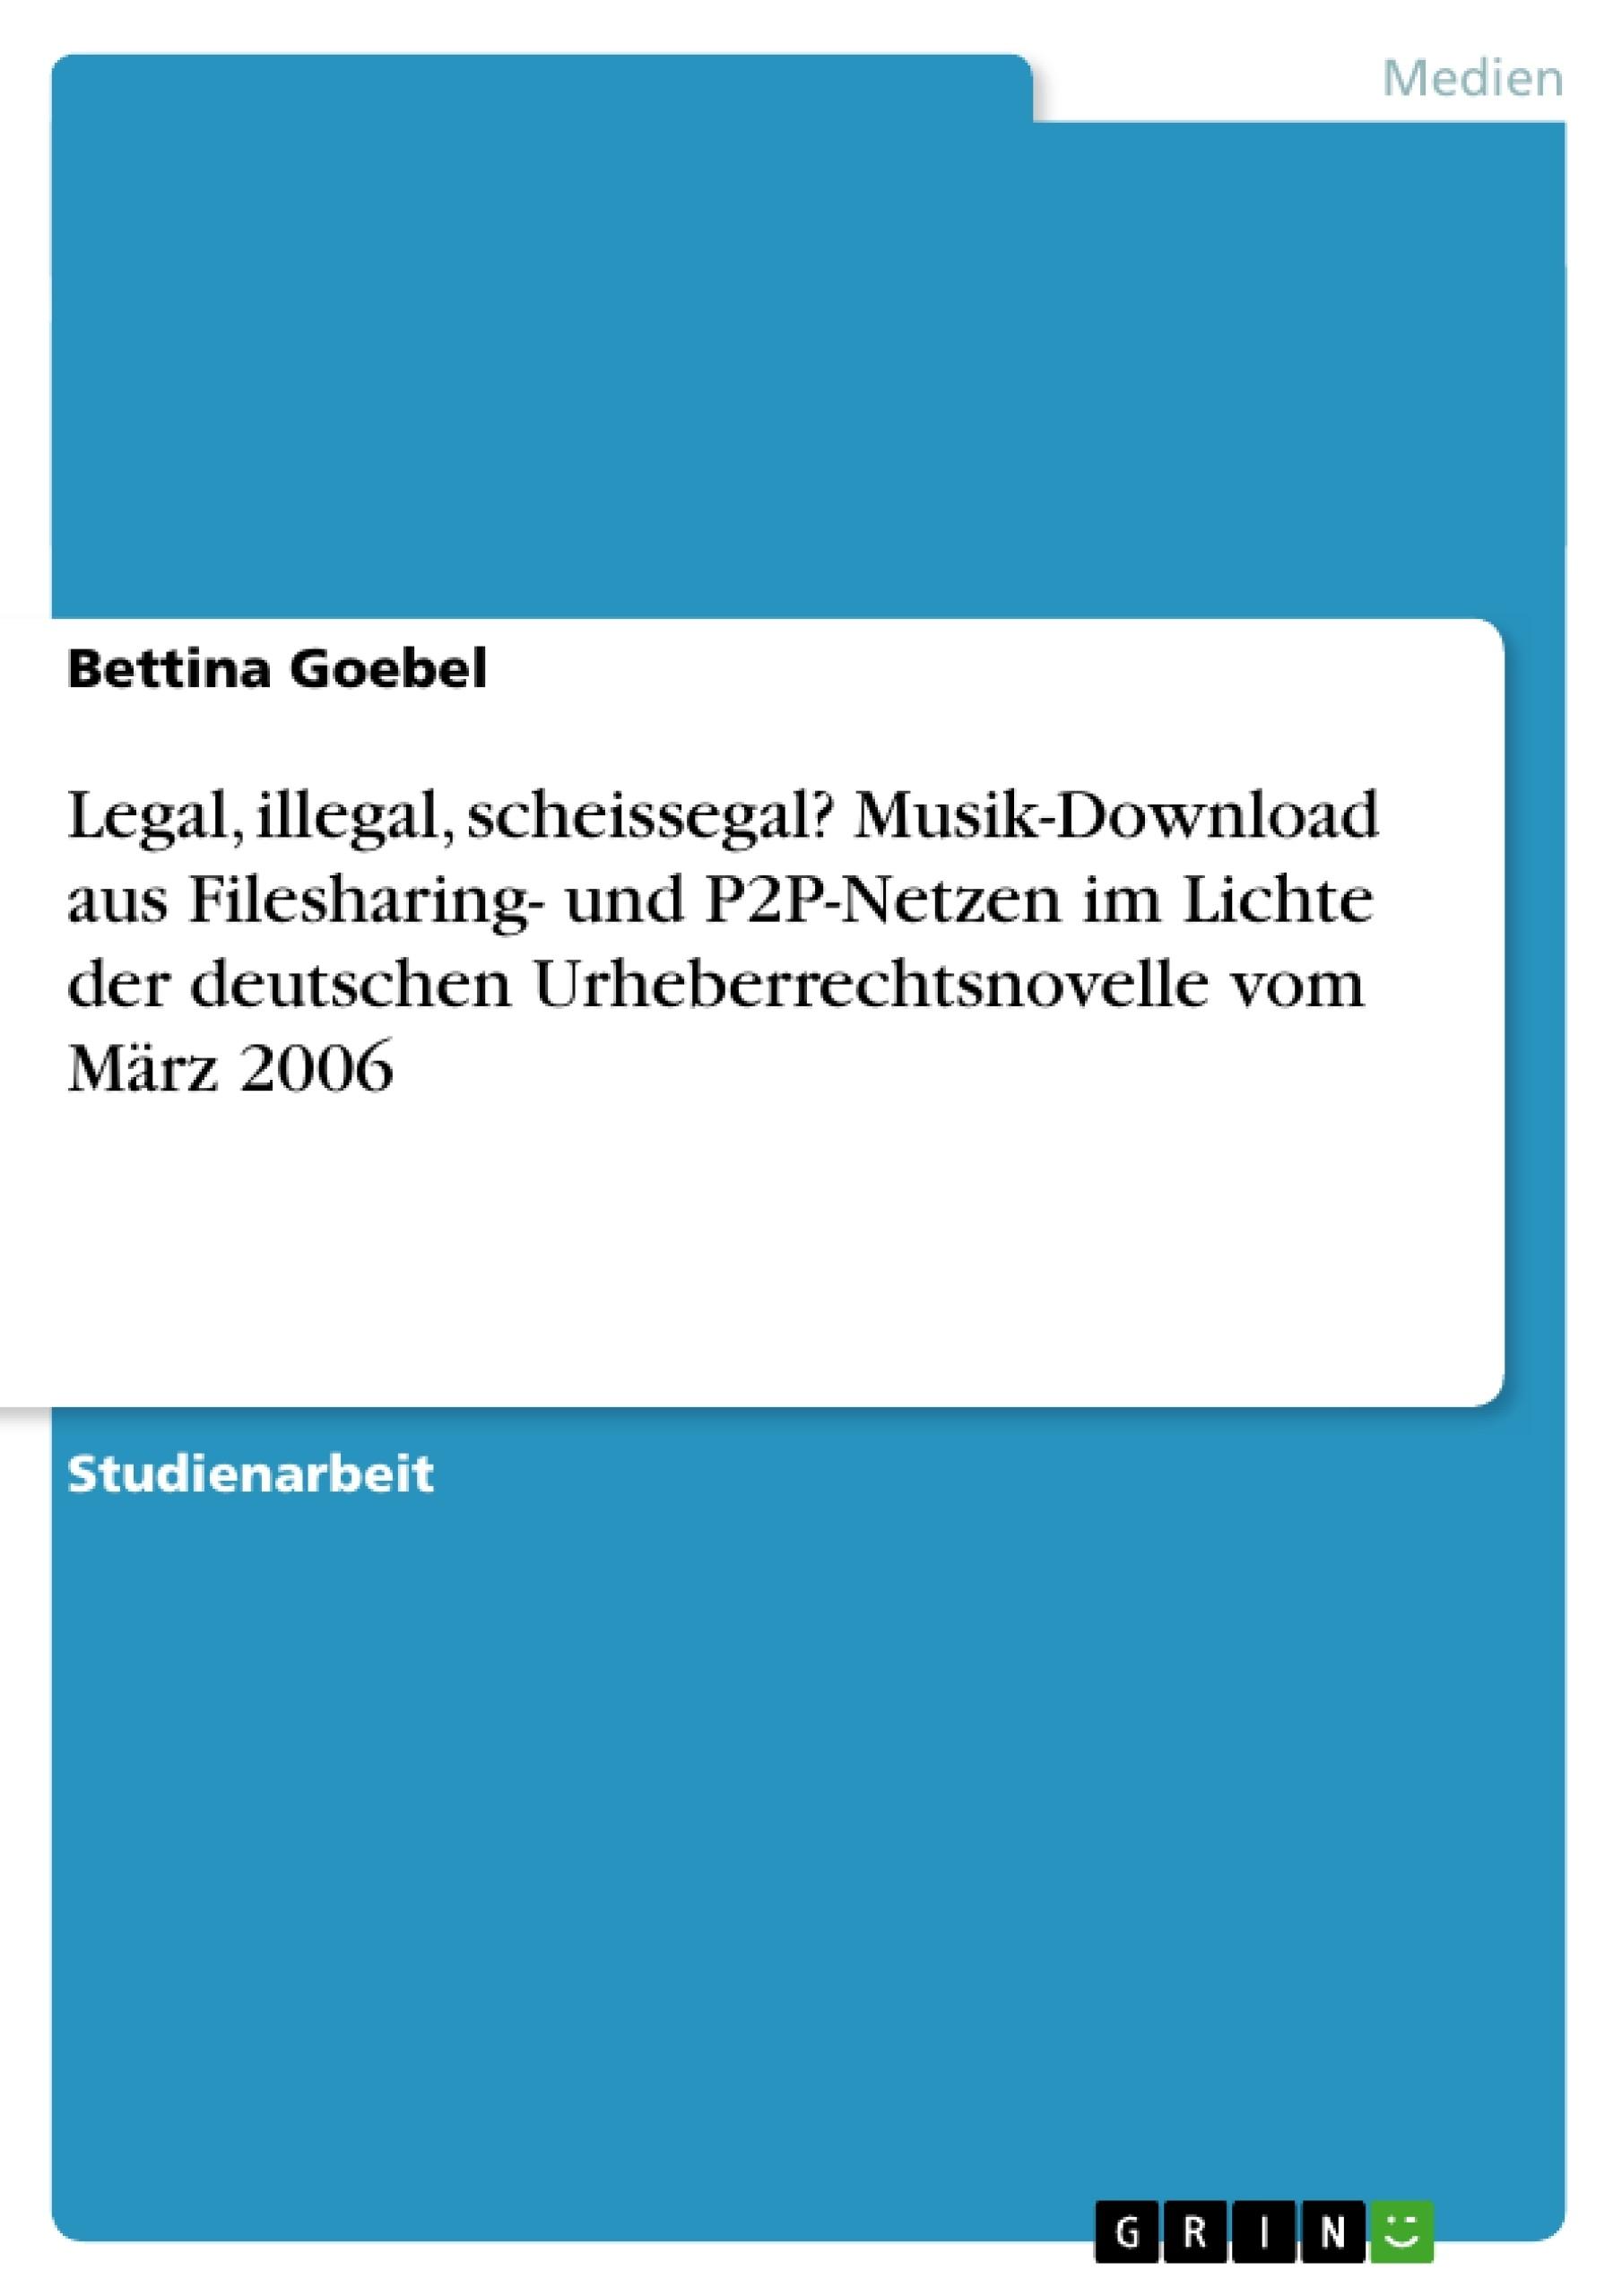 Titel: Legal, illegal, scheissegal? Musik-Download aus Filesharing- und P2P-Netzen im Lichte der deutschen Urheberrechtsnovelle vom März 2006